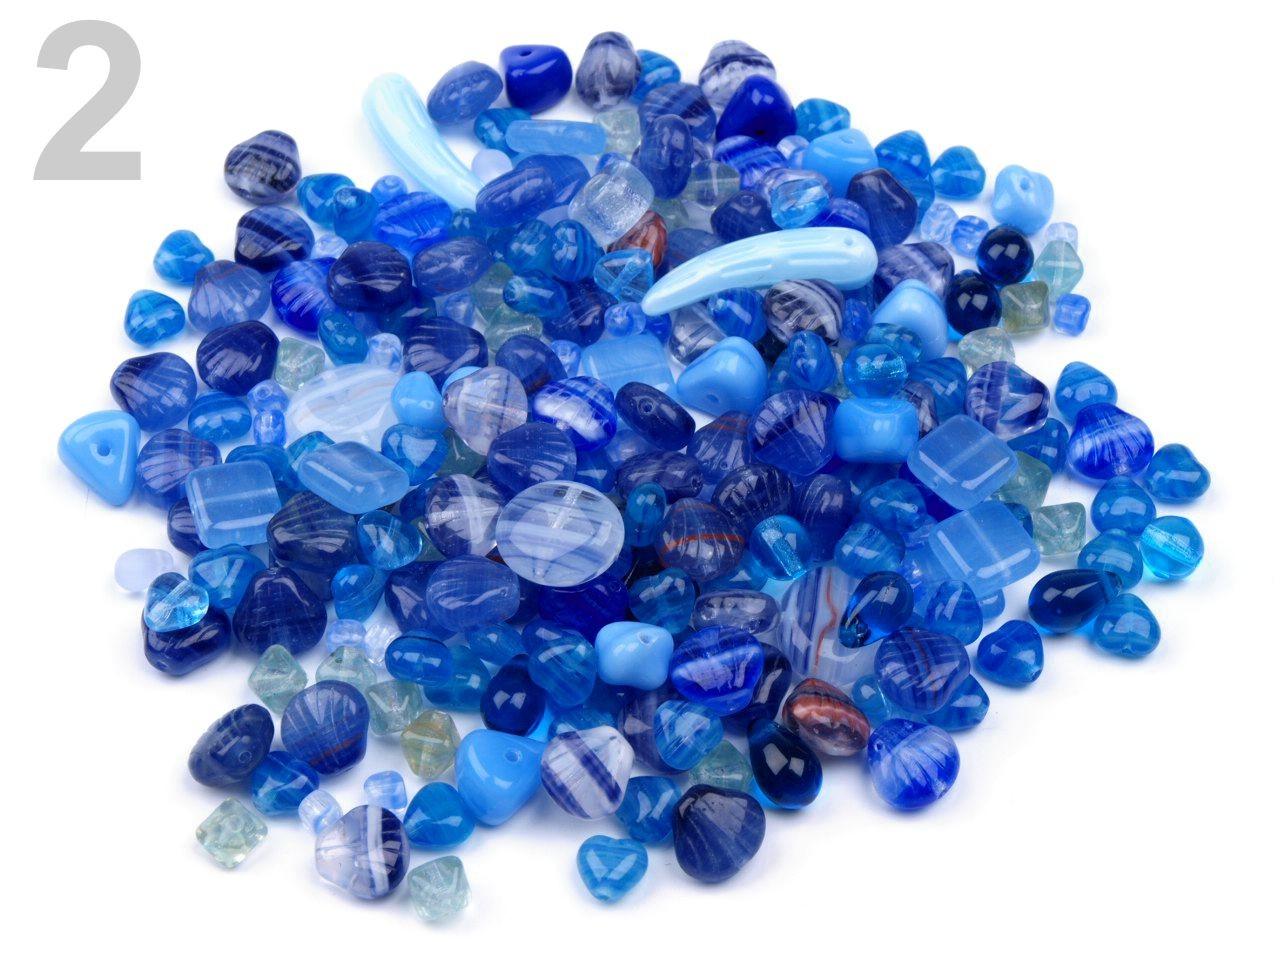 Korálky ramš 1000g I.jakost ČESKÝ VÝROBEK 150g - 2 Kč / g 2 modrá královská